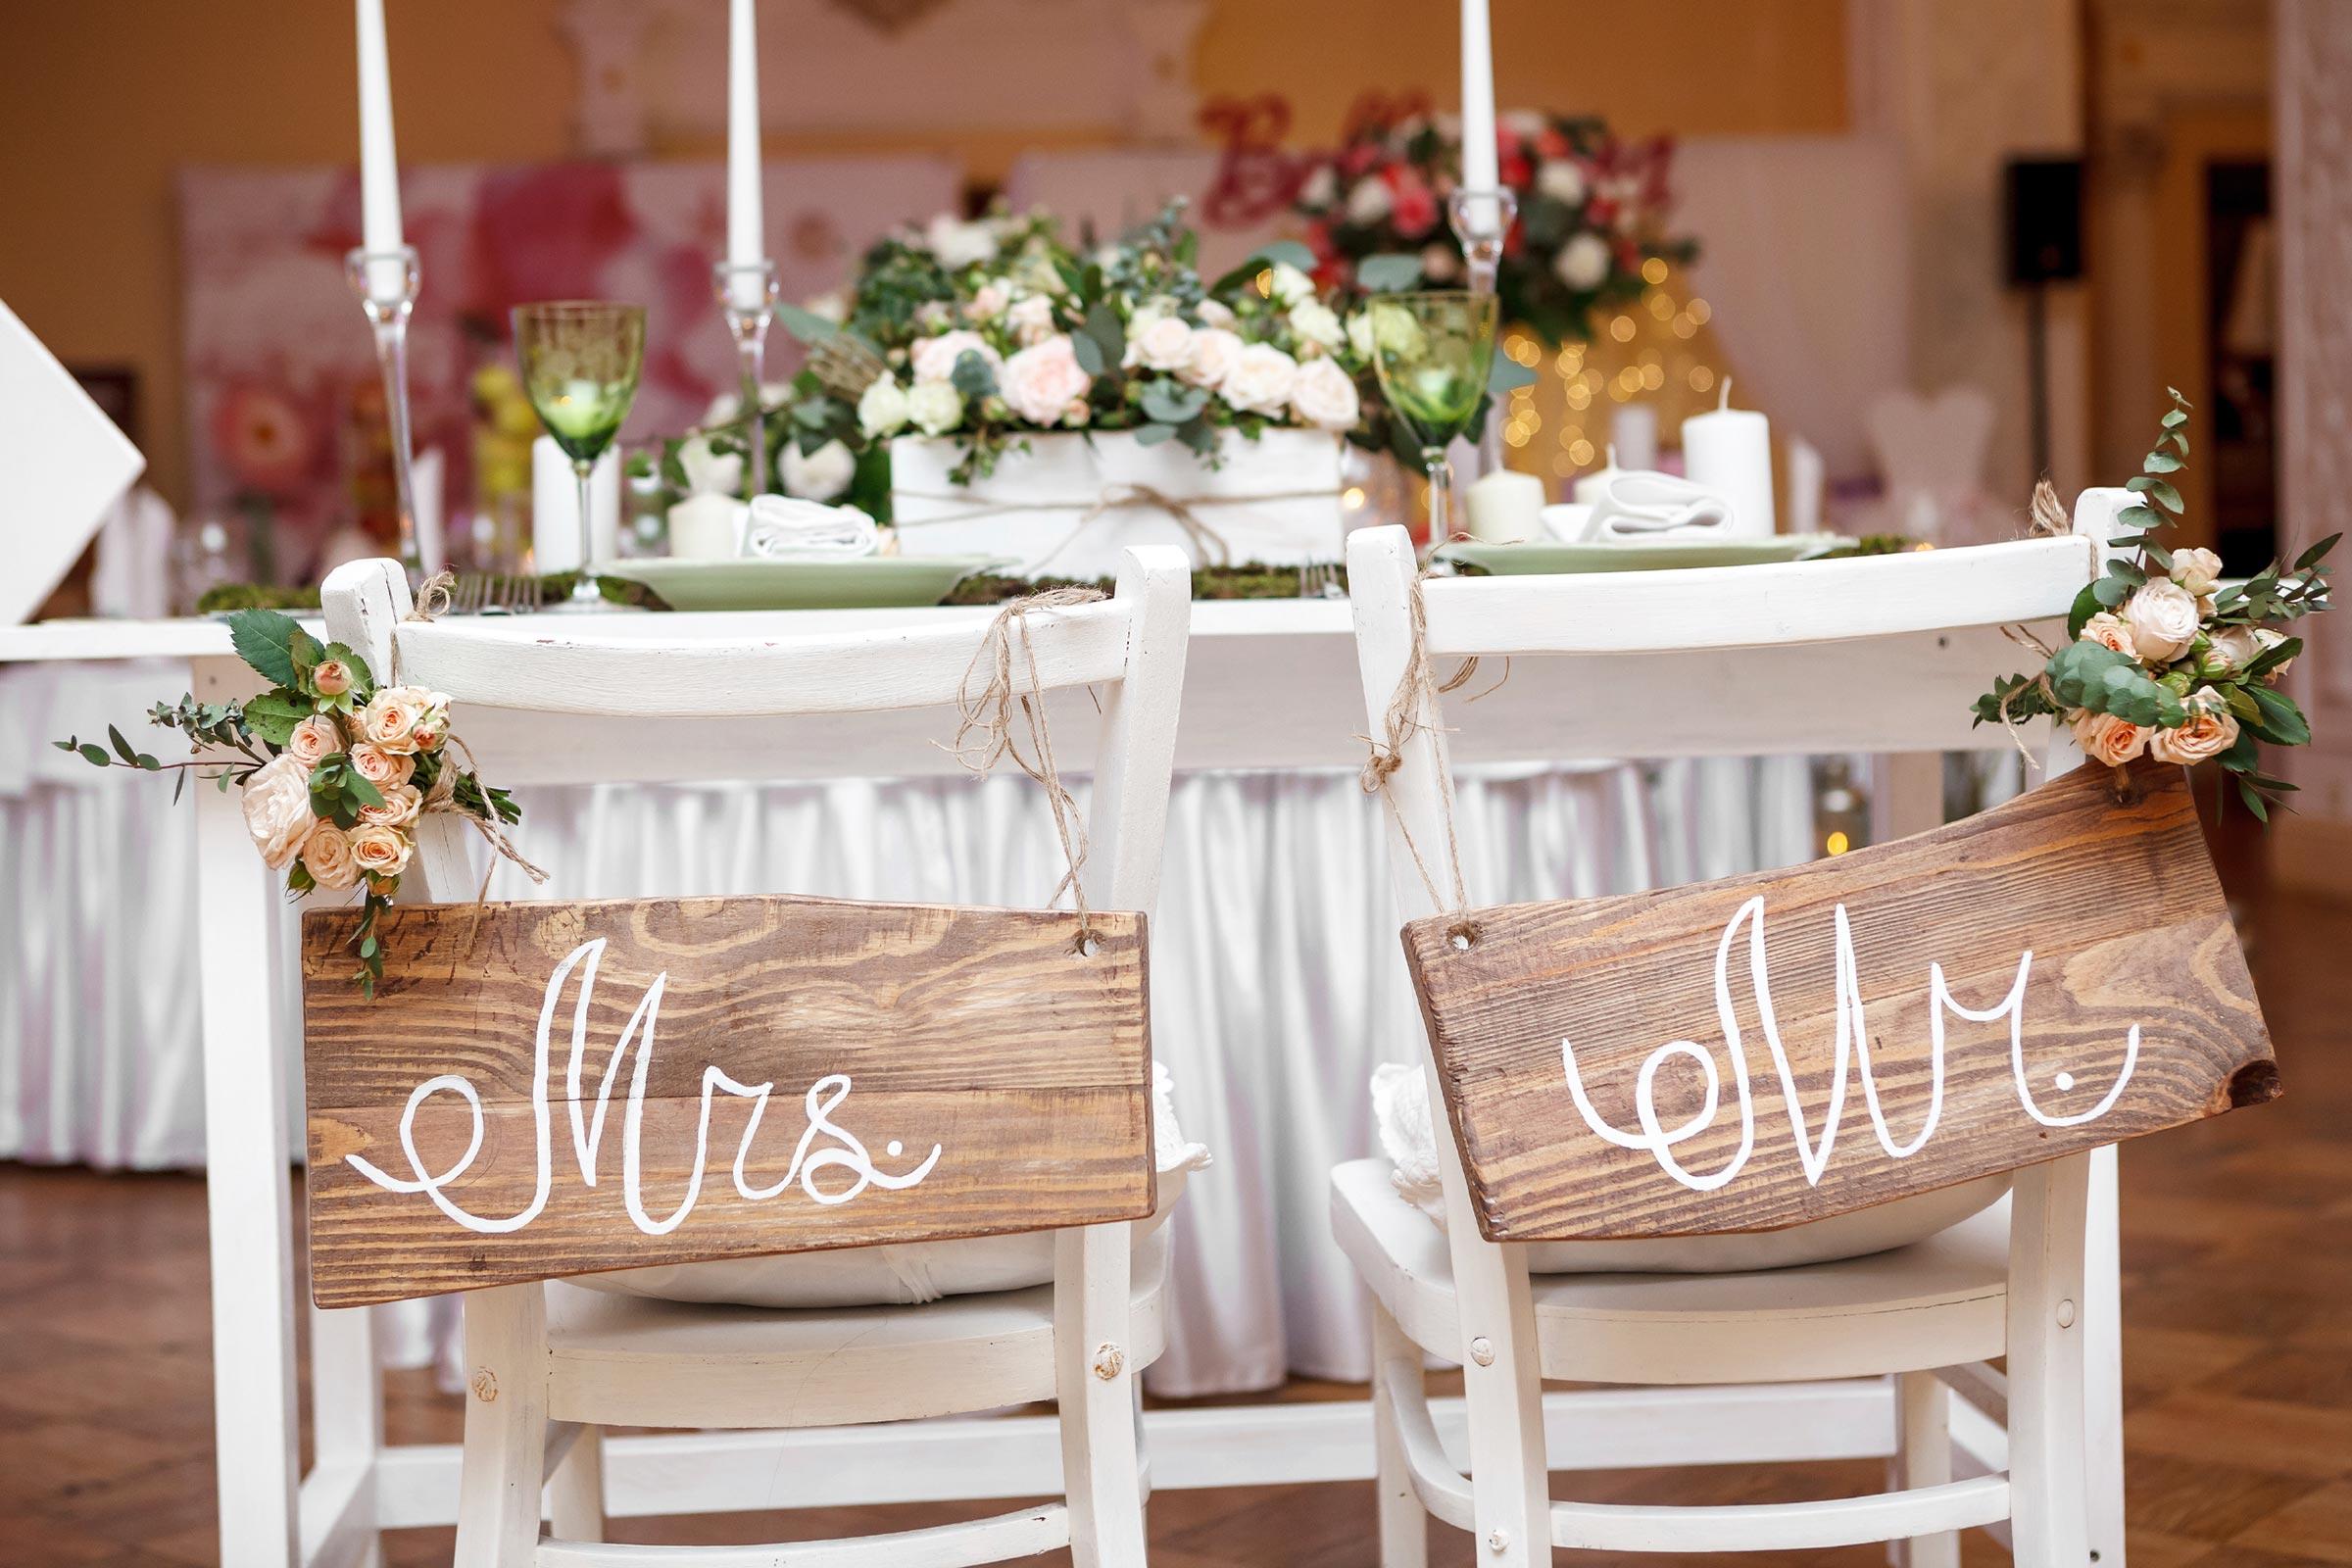 """¿Por qué """"Wedding Planner"""" es una profesión en auge?, novoum tiene las razones."""